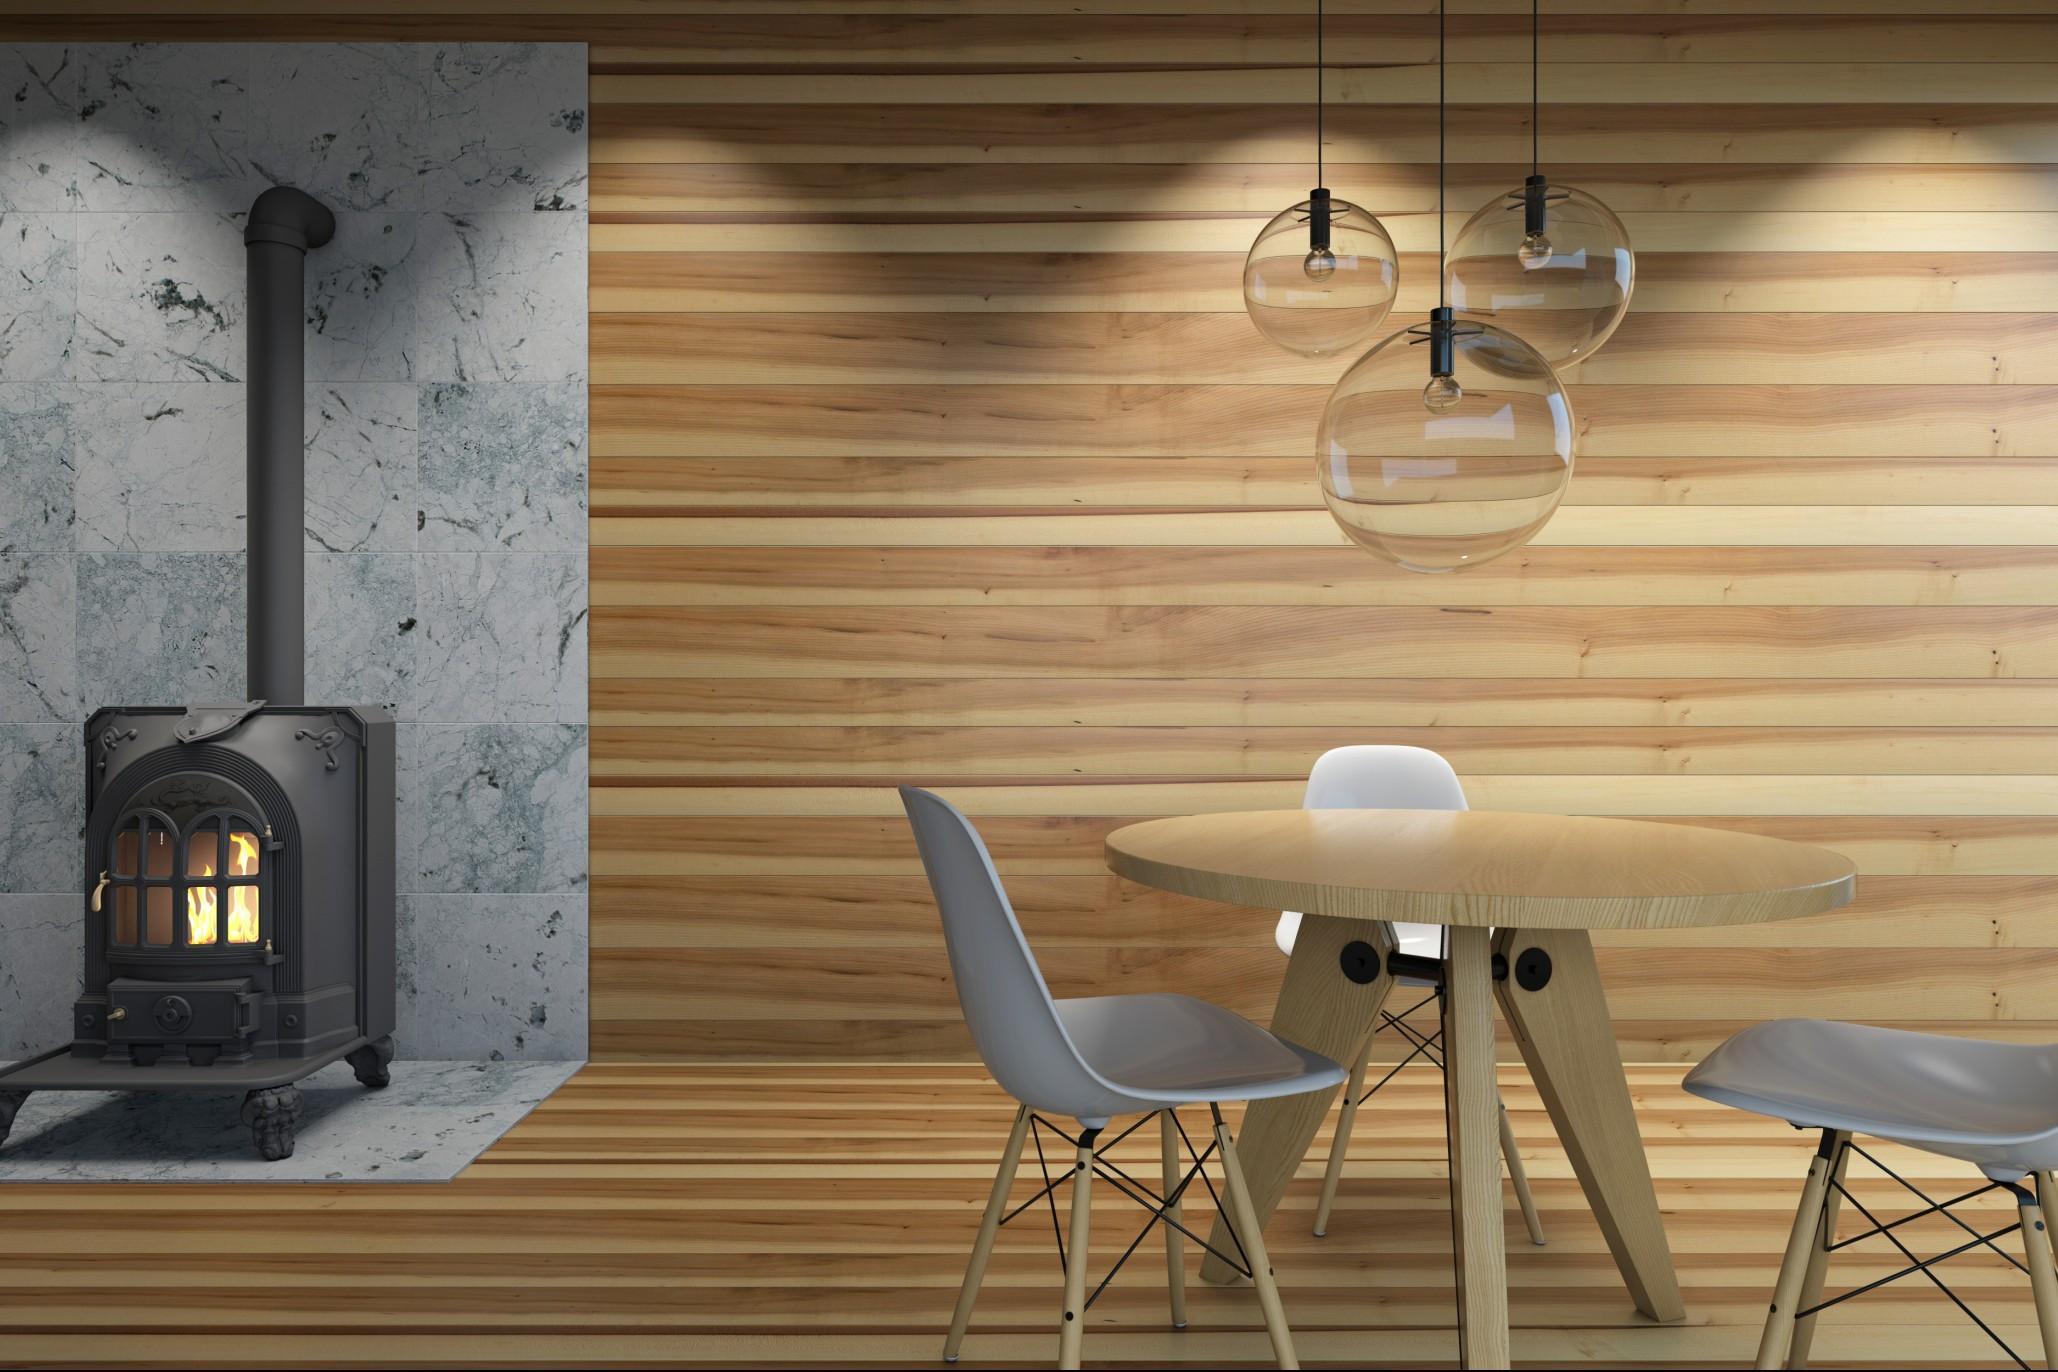 Perline legno per pareti prezzi vantaggi e svantaggi for Offerte per arredare casa